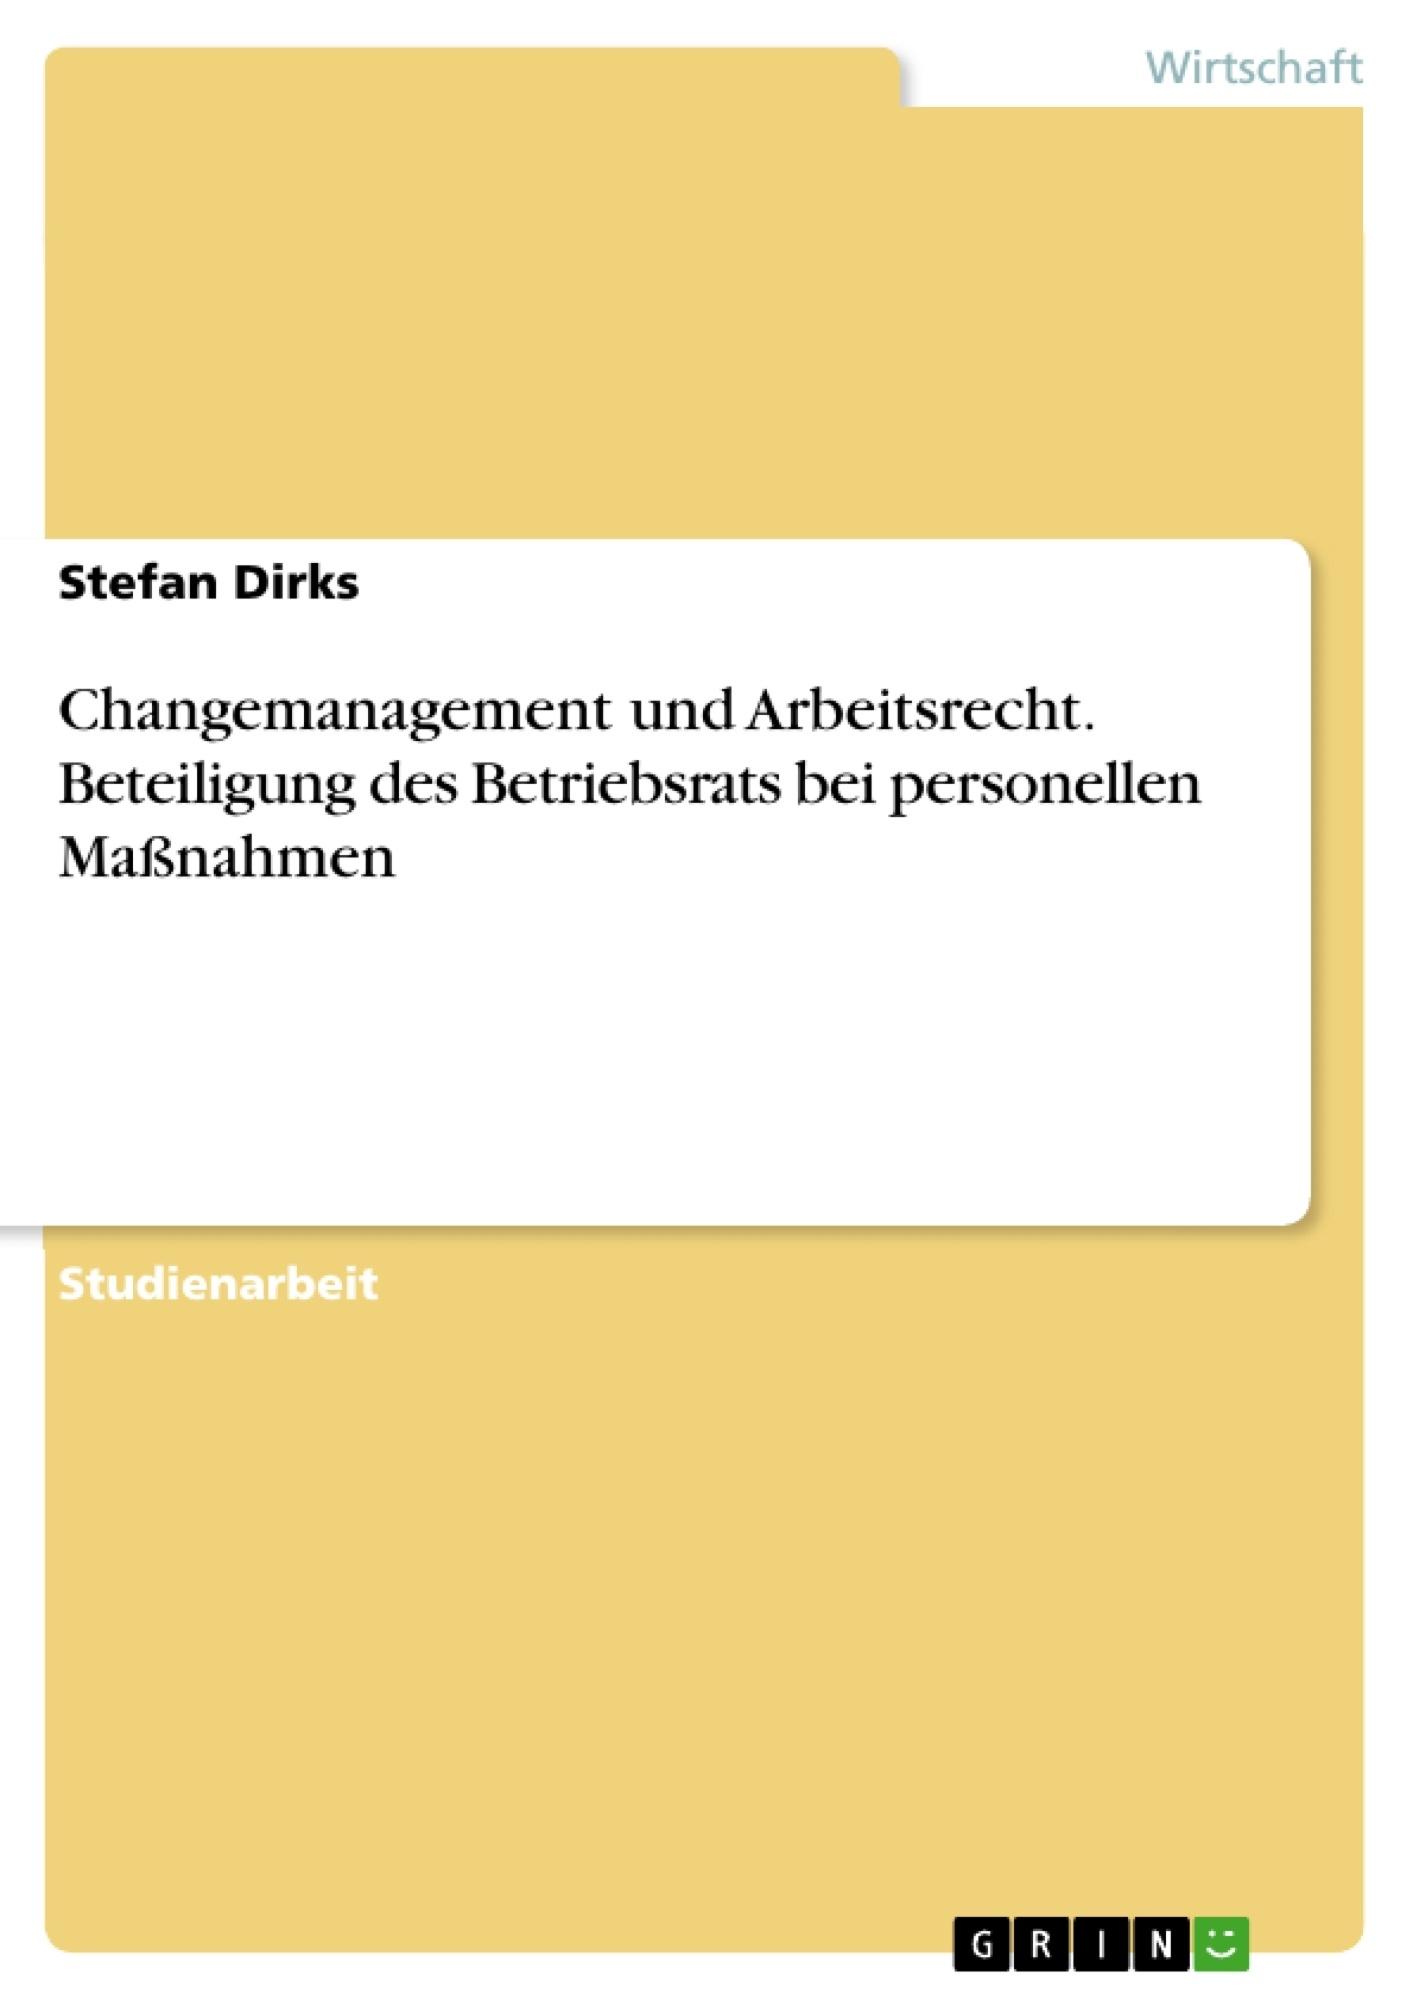 Titel: Changemanagement und Arbeitsrecht. Beteiligung des Betriebsrats bei personellen Maßnahmen